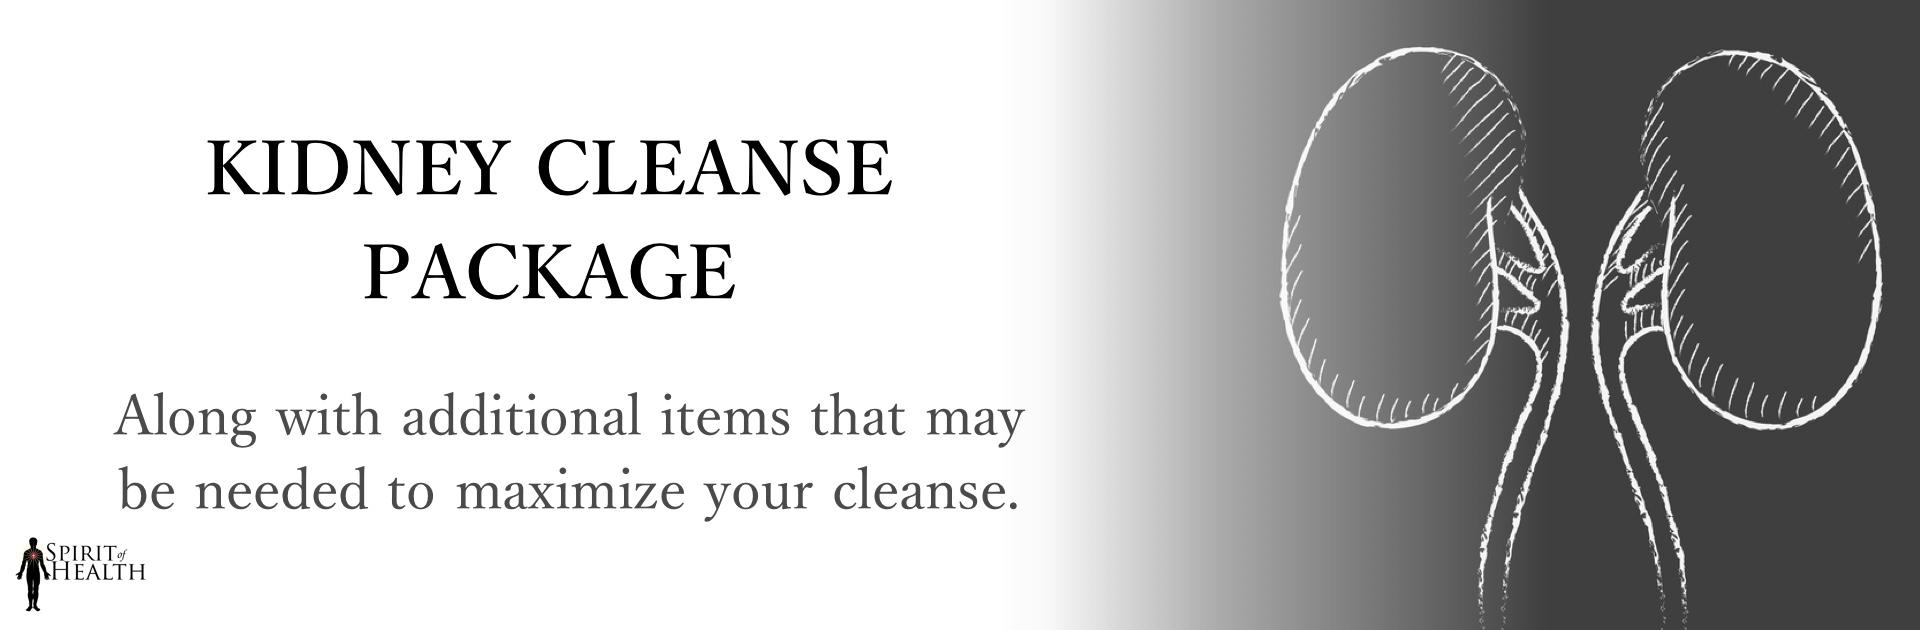 kidney-cleanse.jpg